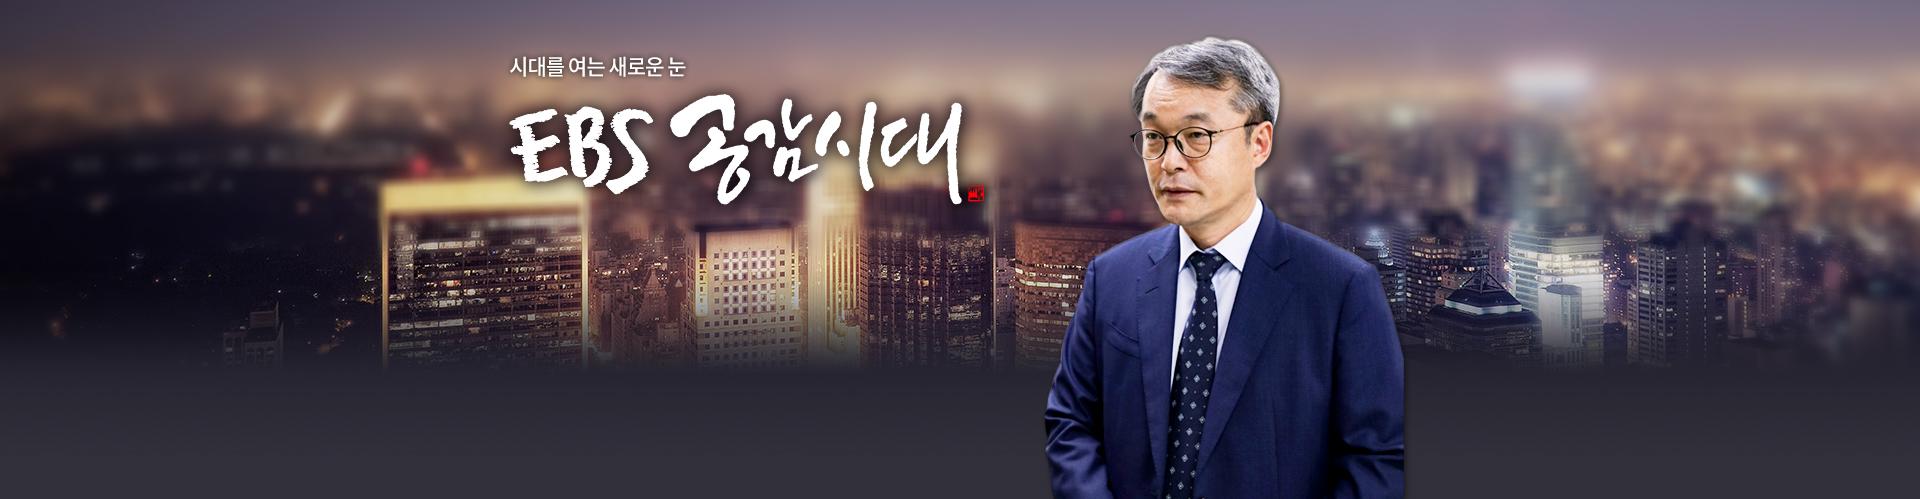 EBS 공감시대 - 0520(월)공감시대